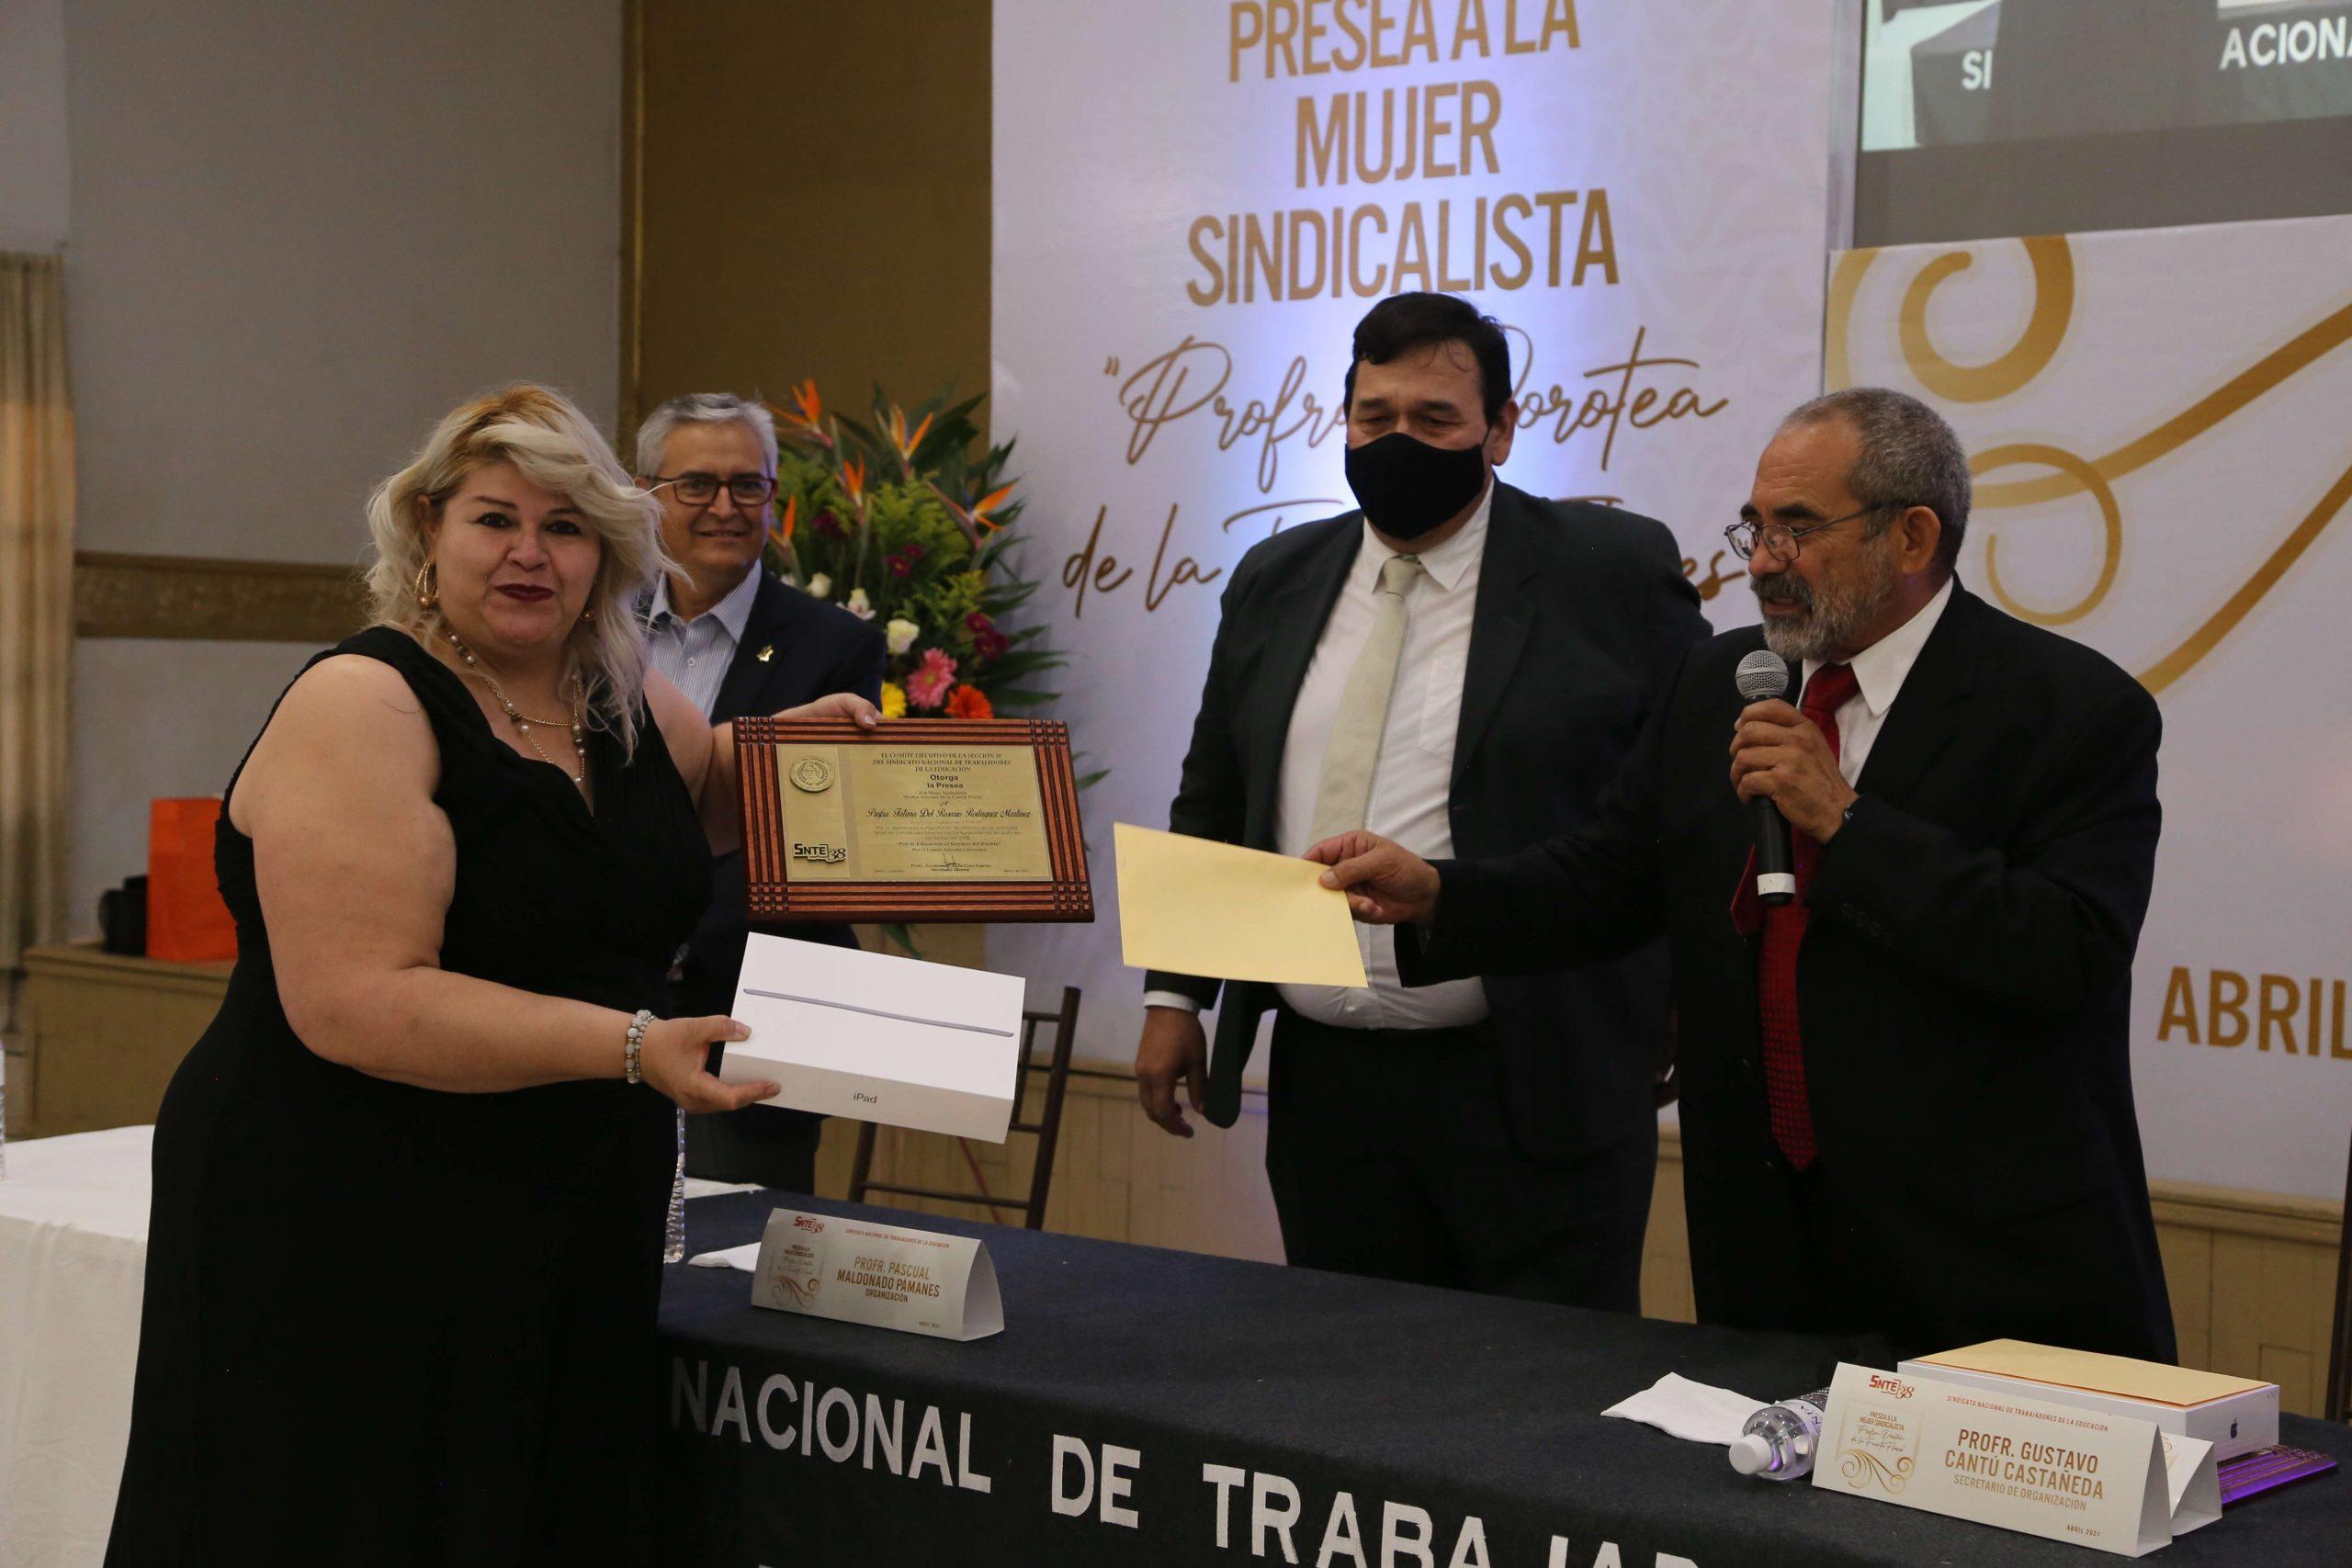 """Sección 38 hace entrega de la Presea al Mérito Sindical """"Profa. Dorotea de la Fuente Flores"""""""